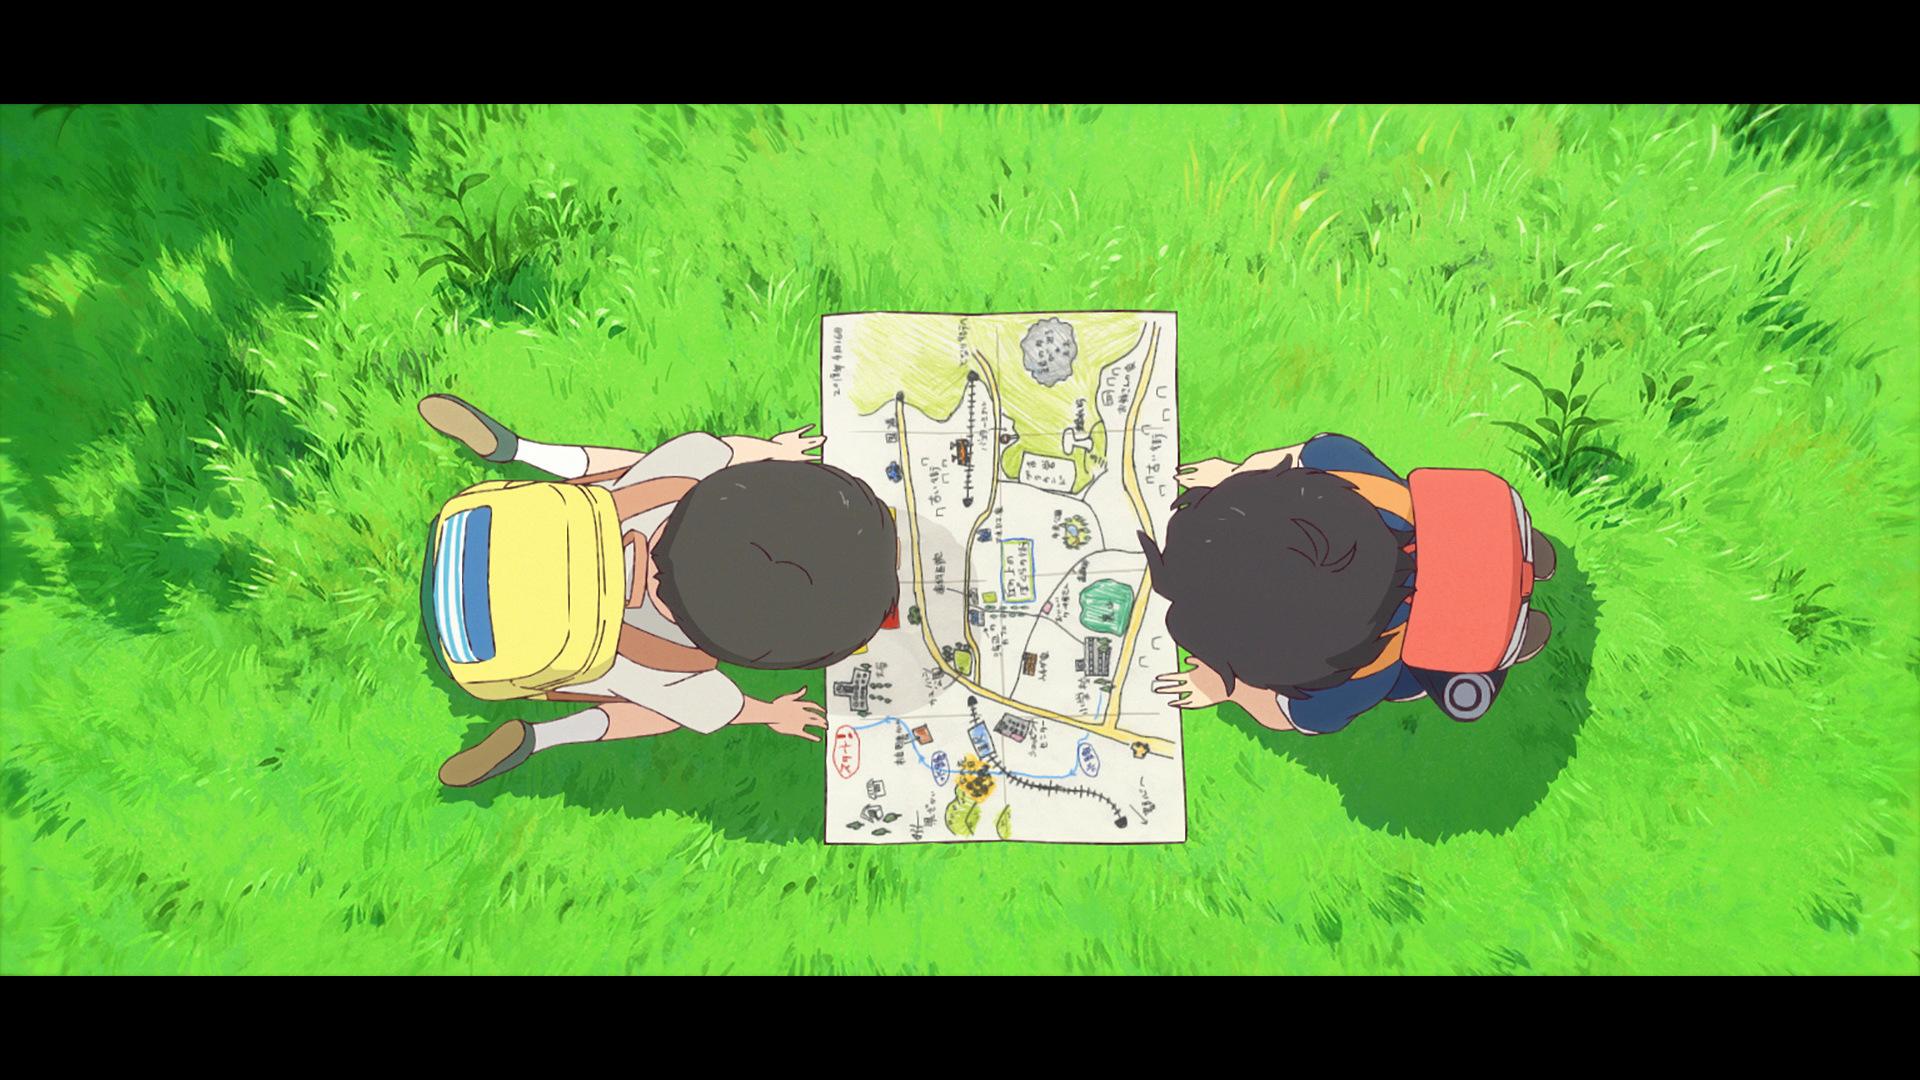 電影《企鵝公路》畫面和場景 0614_p17